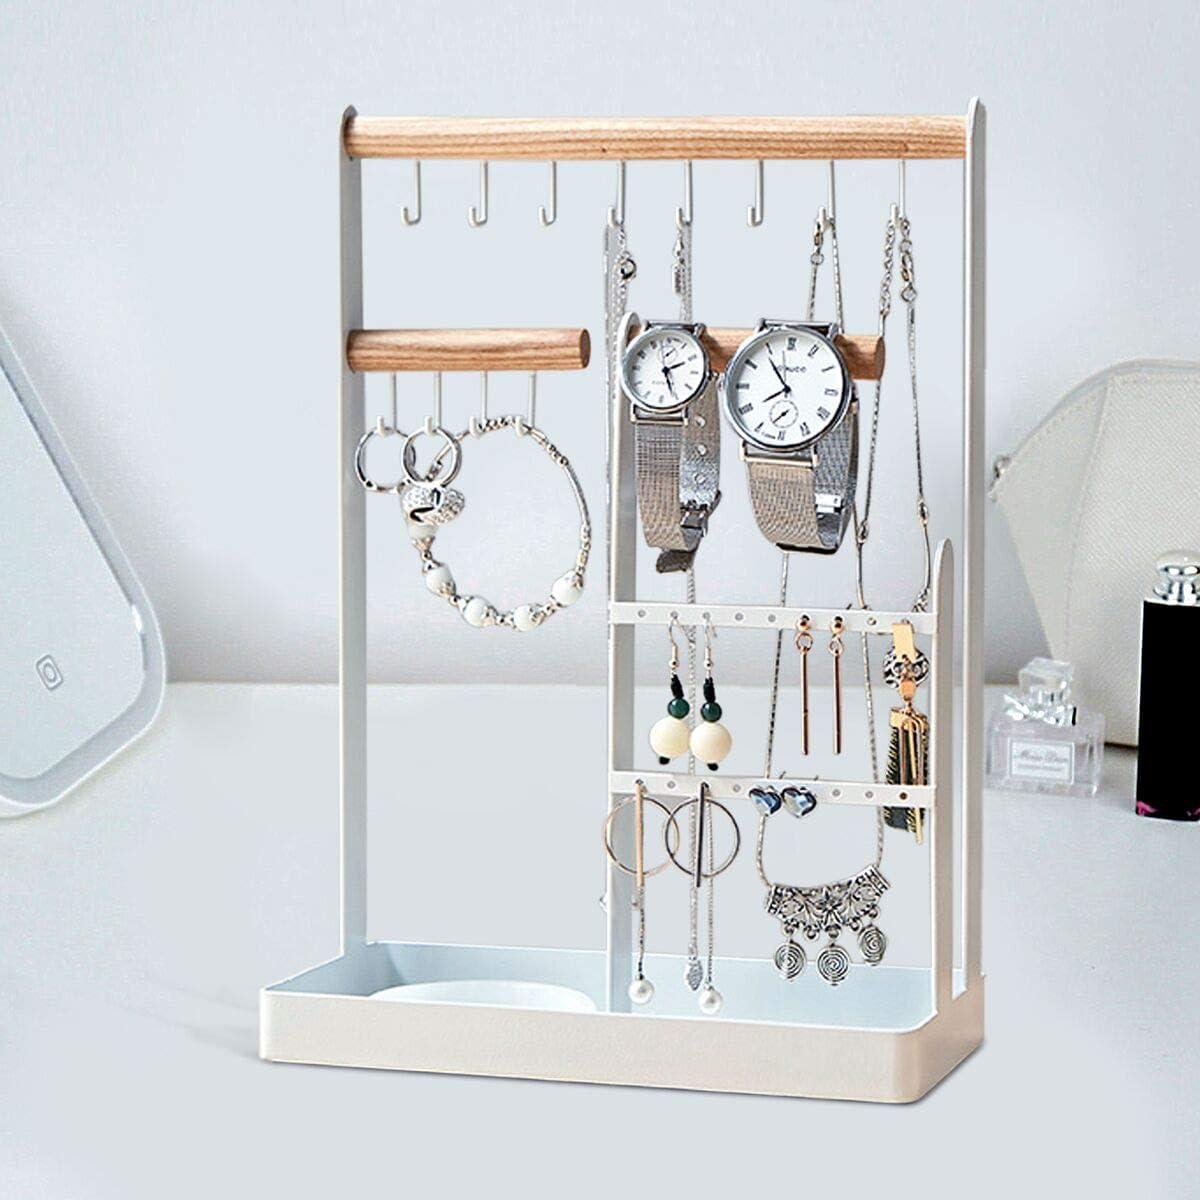 Ulable Pr/ésentoir /à bijoux en fer forg/é Blanc